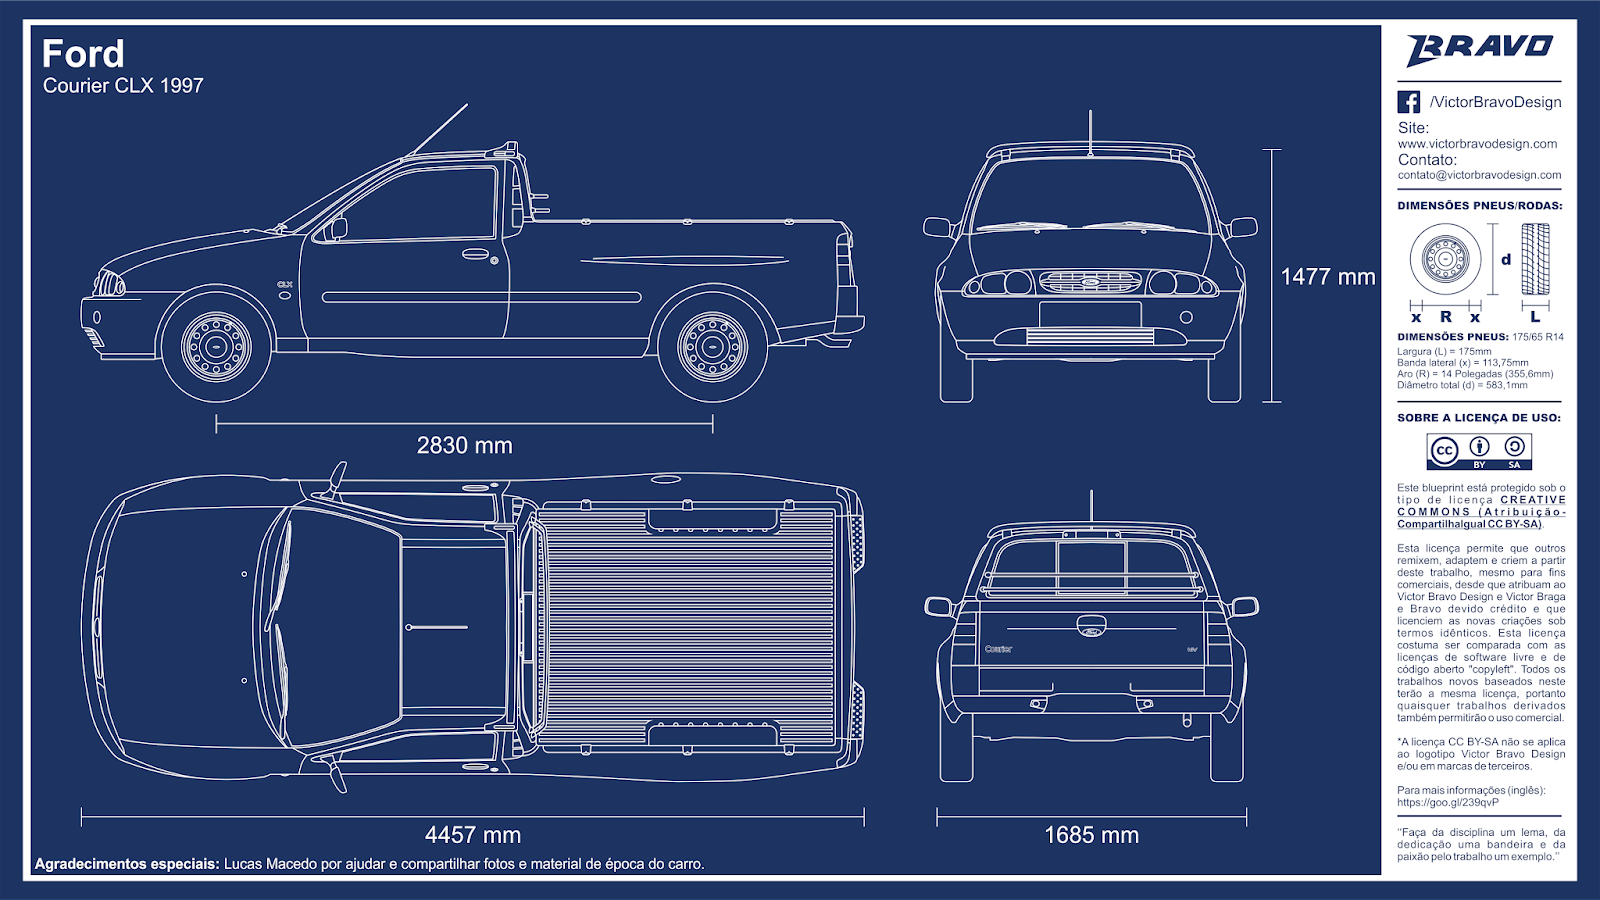 Imagem mostrando o desenho do blueprint do Ford Courier CLX 1997